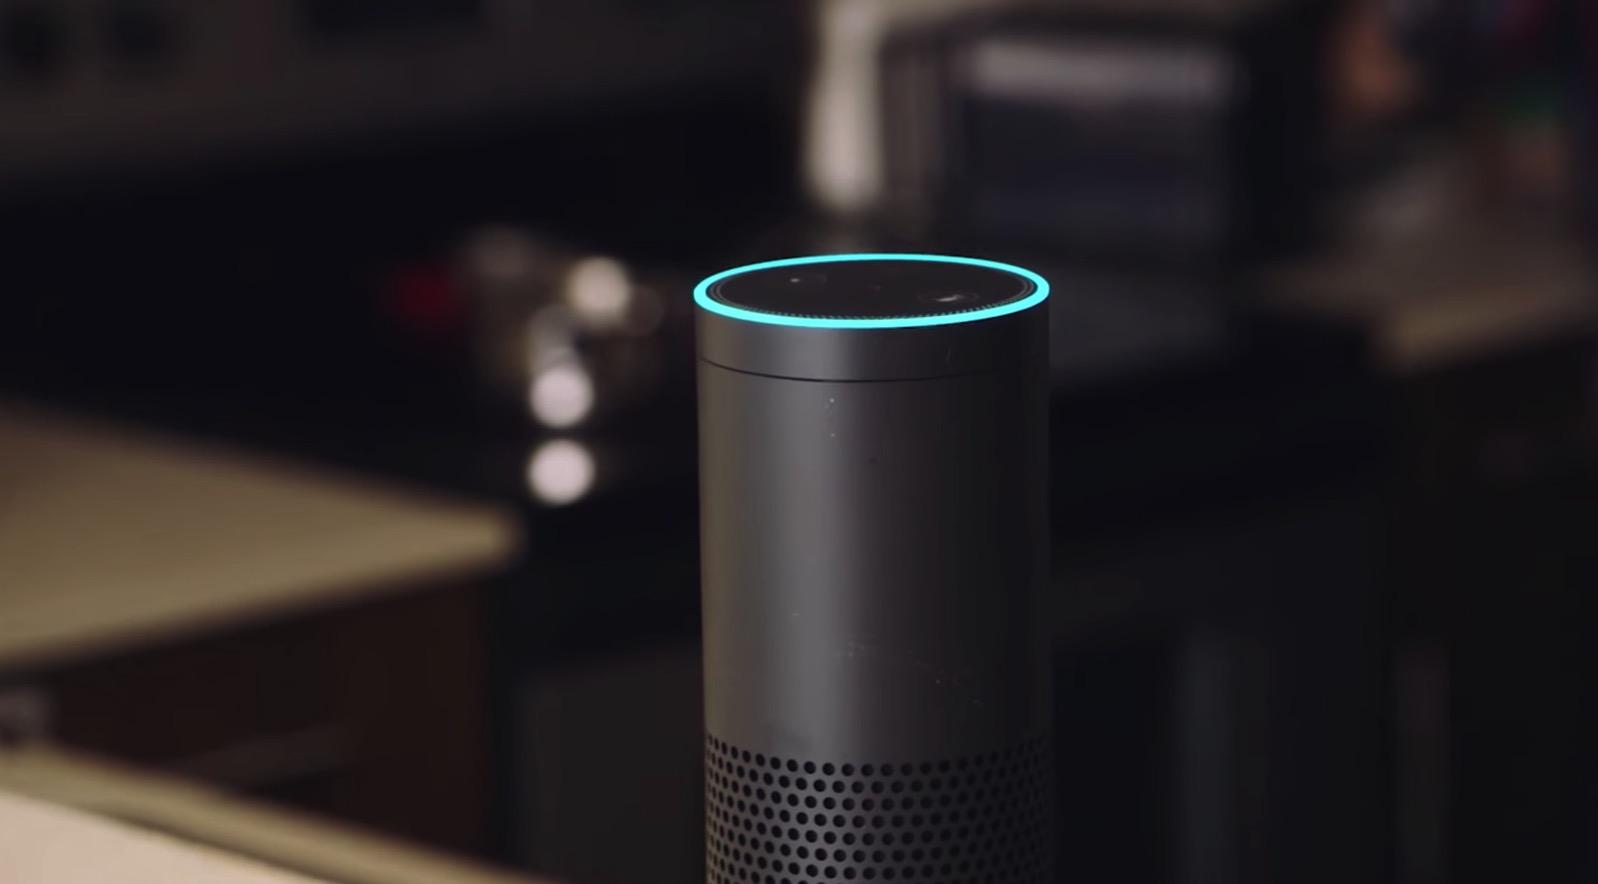 Amazon Echoを検討中~サイバーマンデーまで待とうかな?と思ったらプライム会員割引中だったのでリクエストした